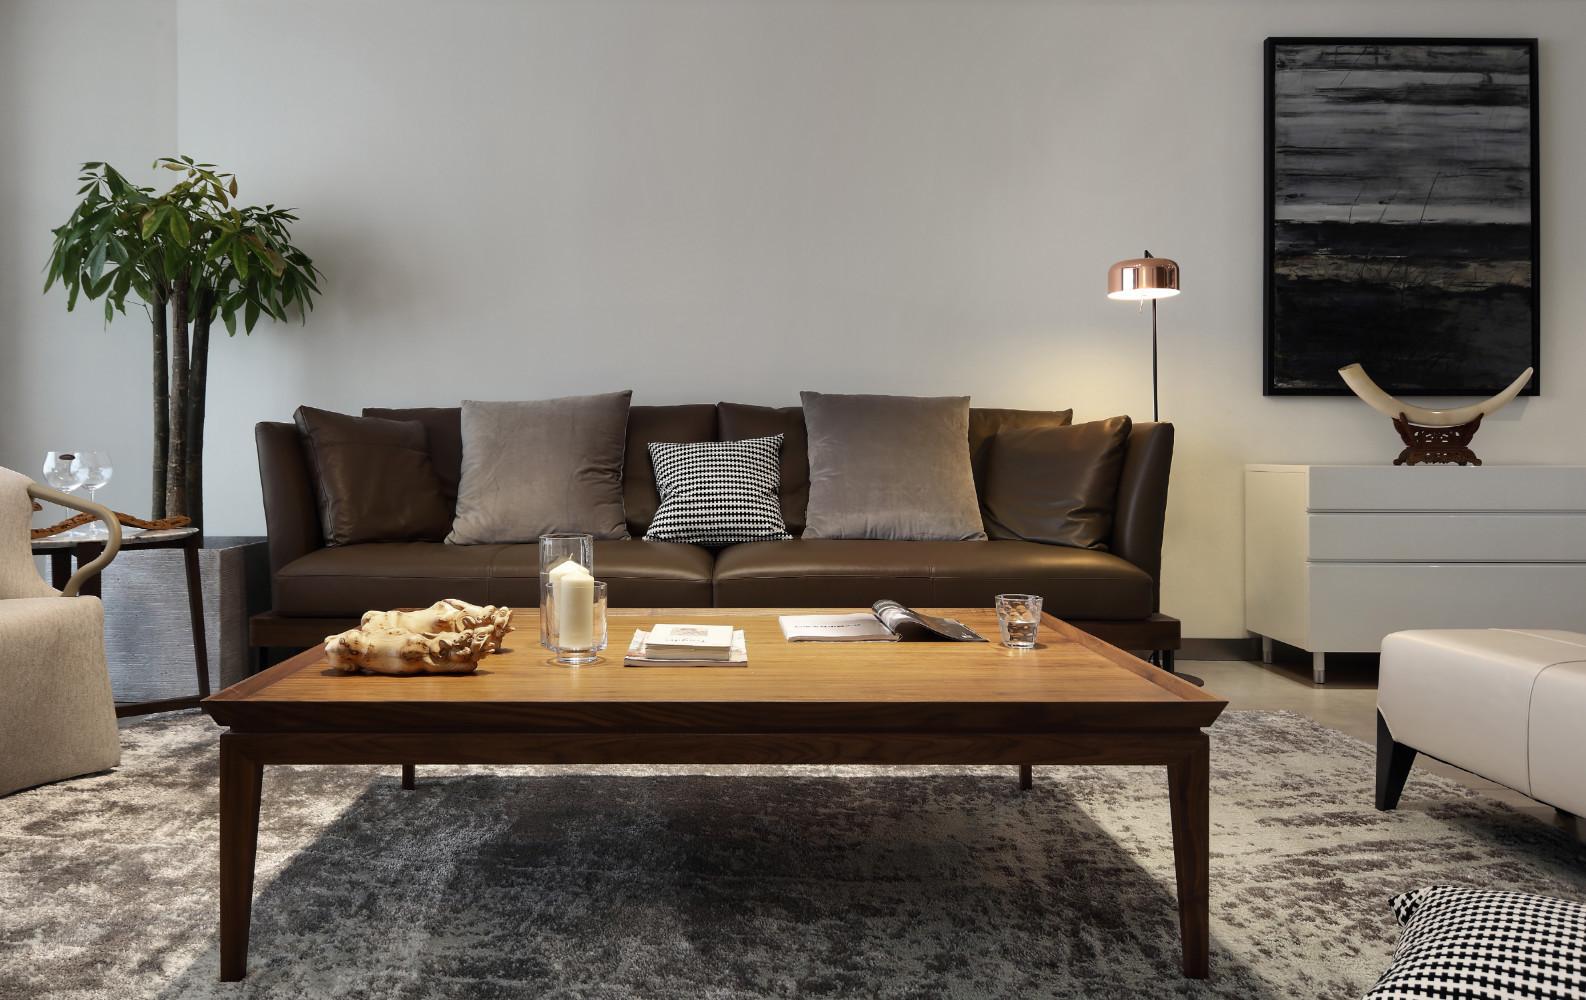 简约弧形空间装修沙发图片